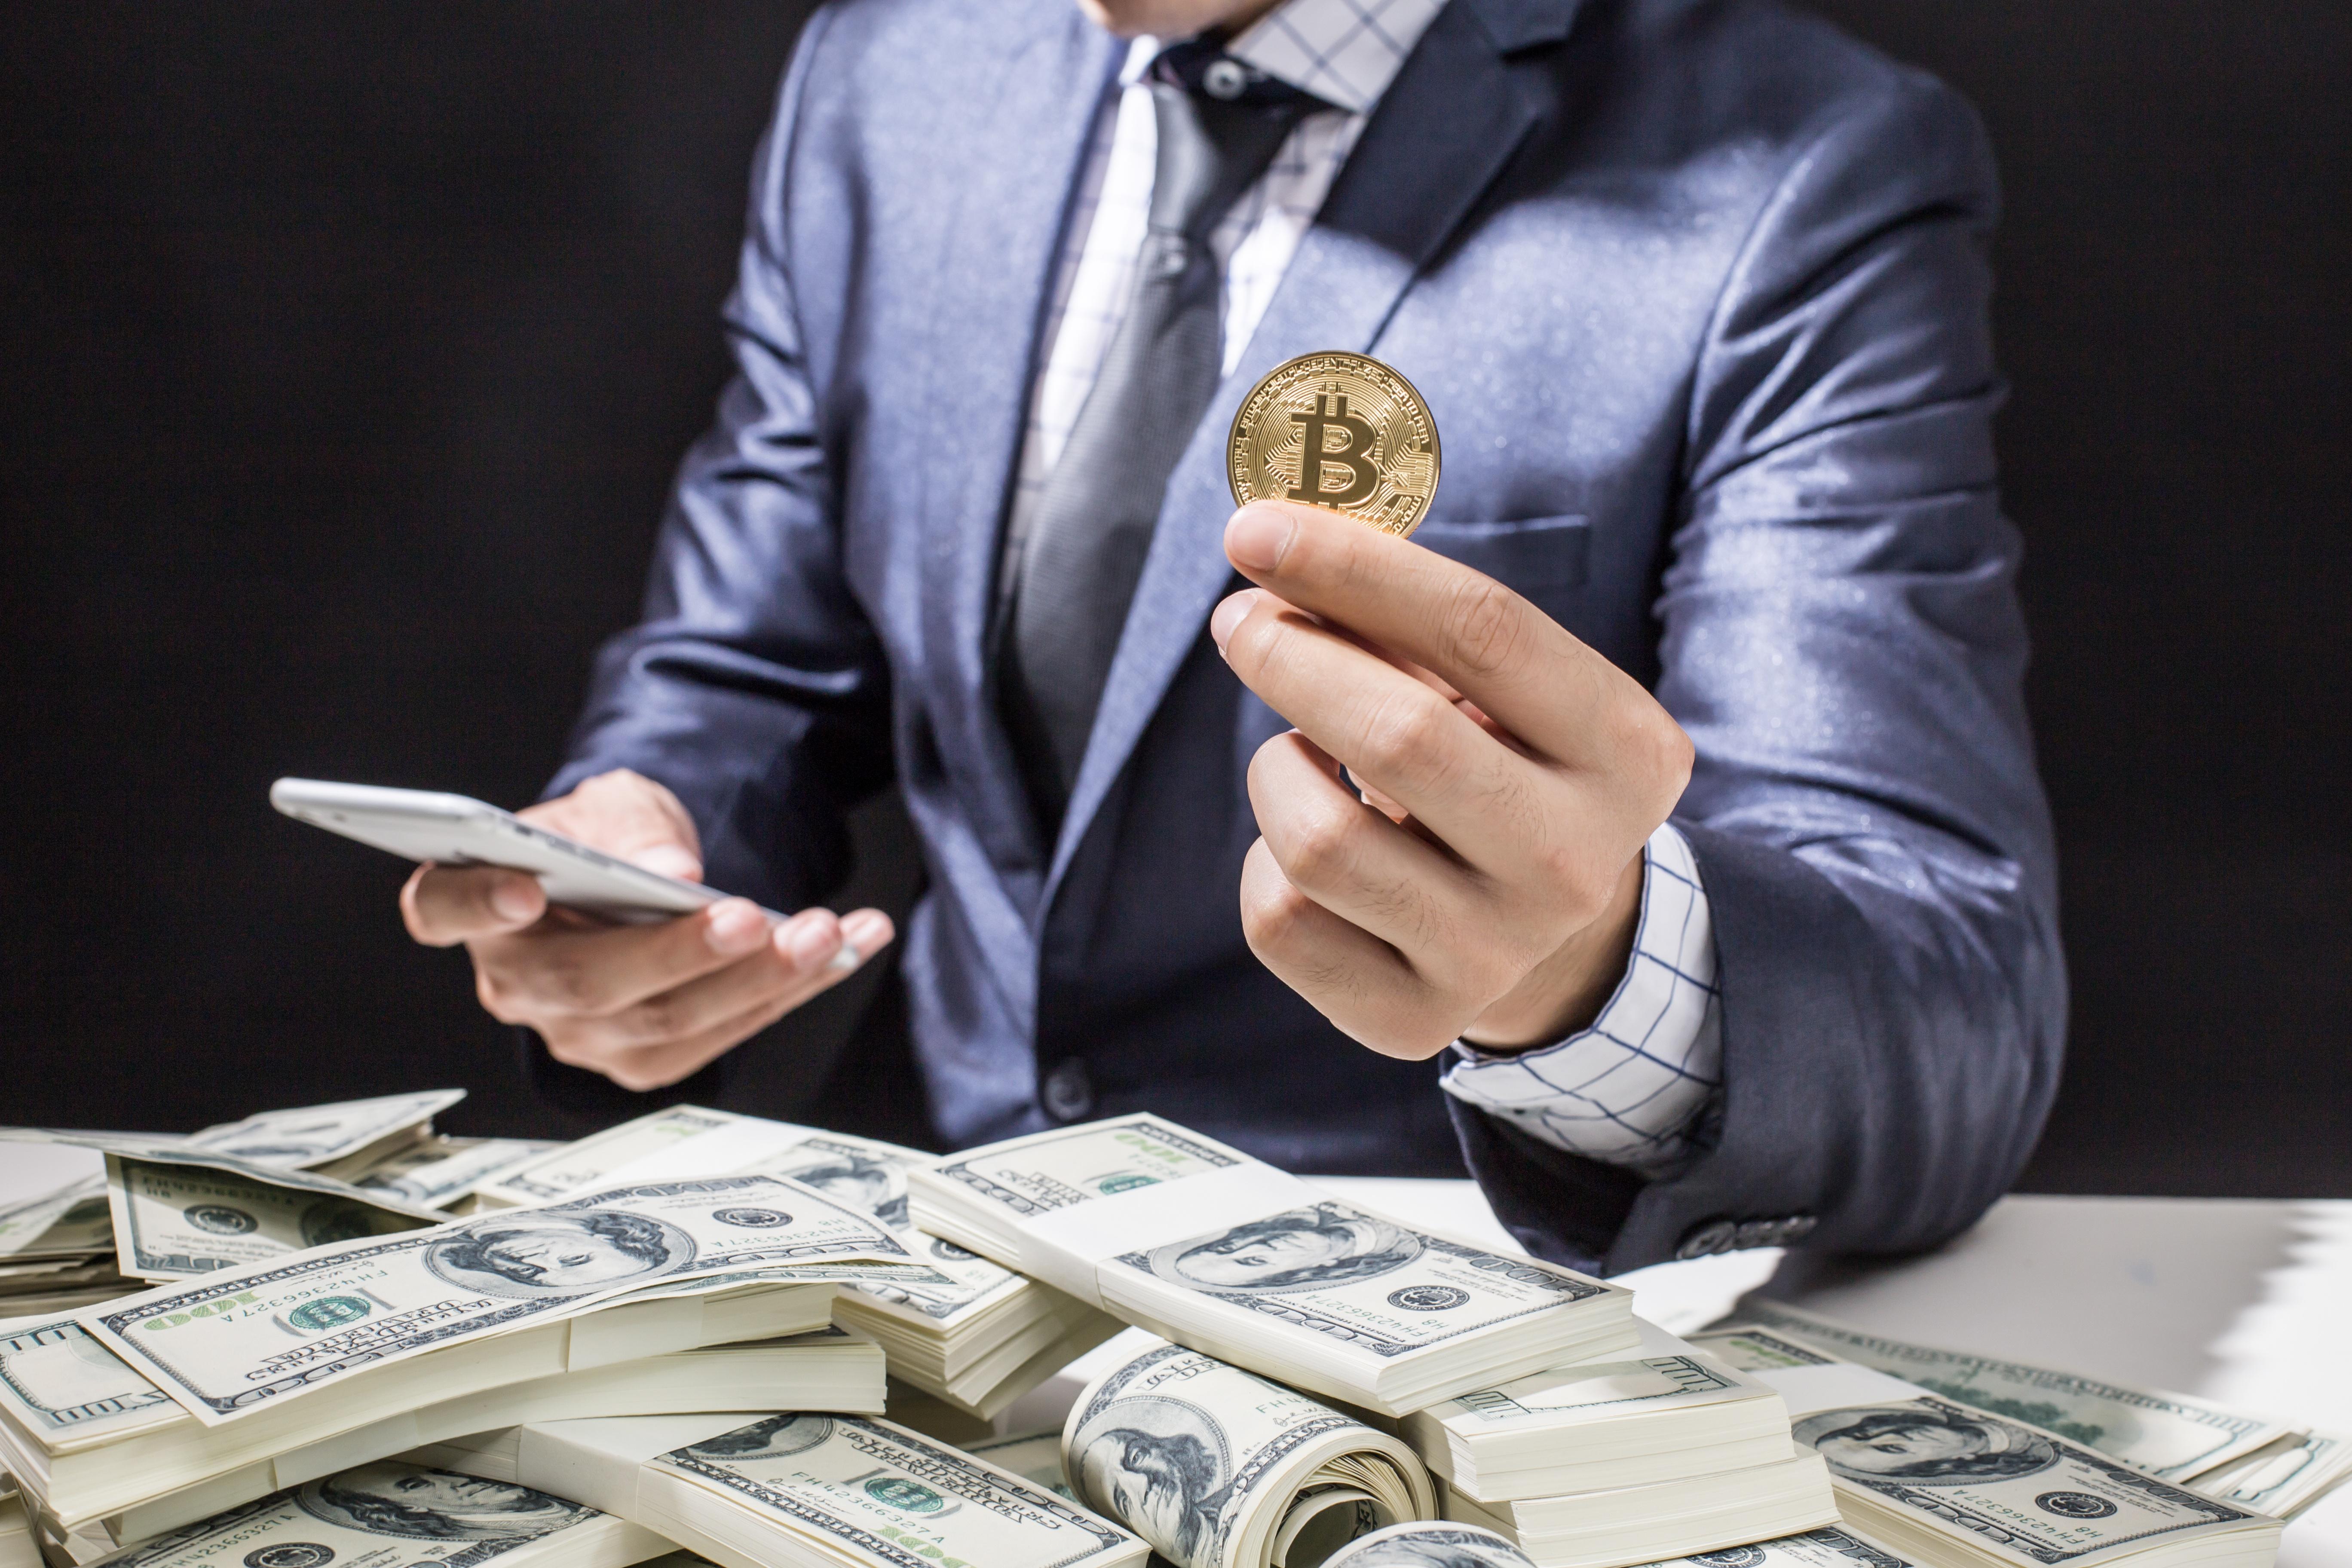 Картинки деньги и люди мужчины